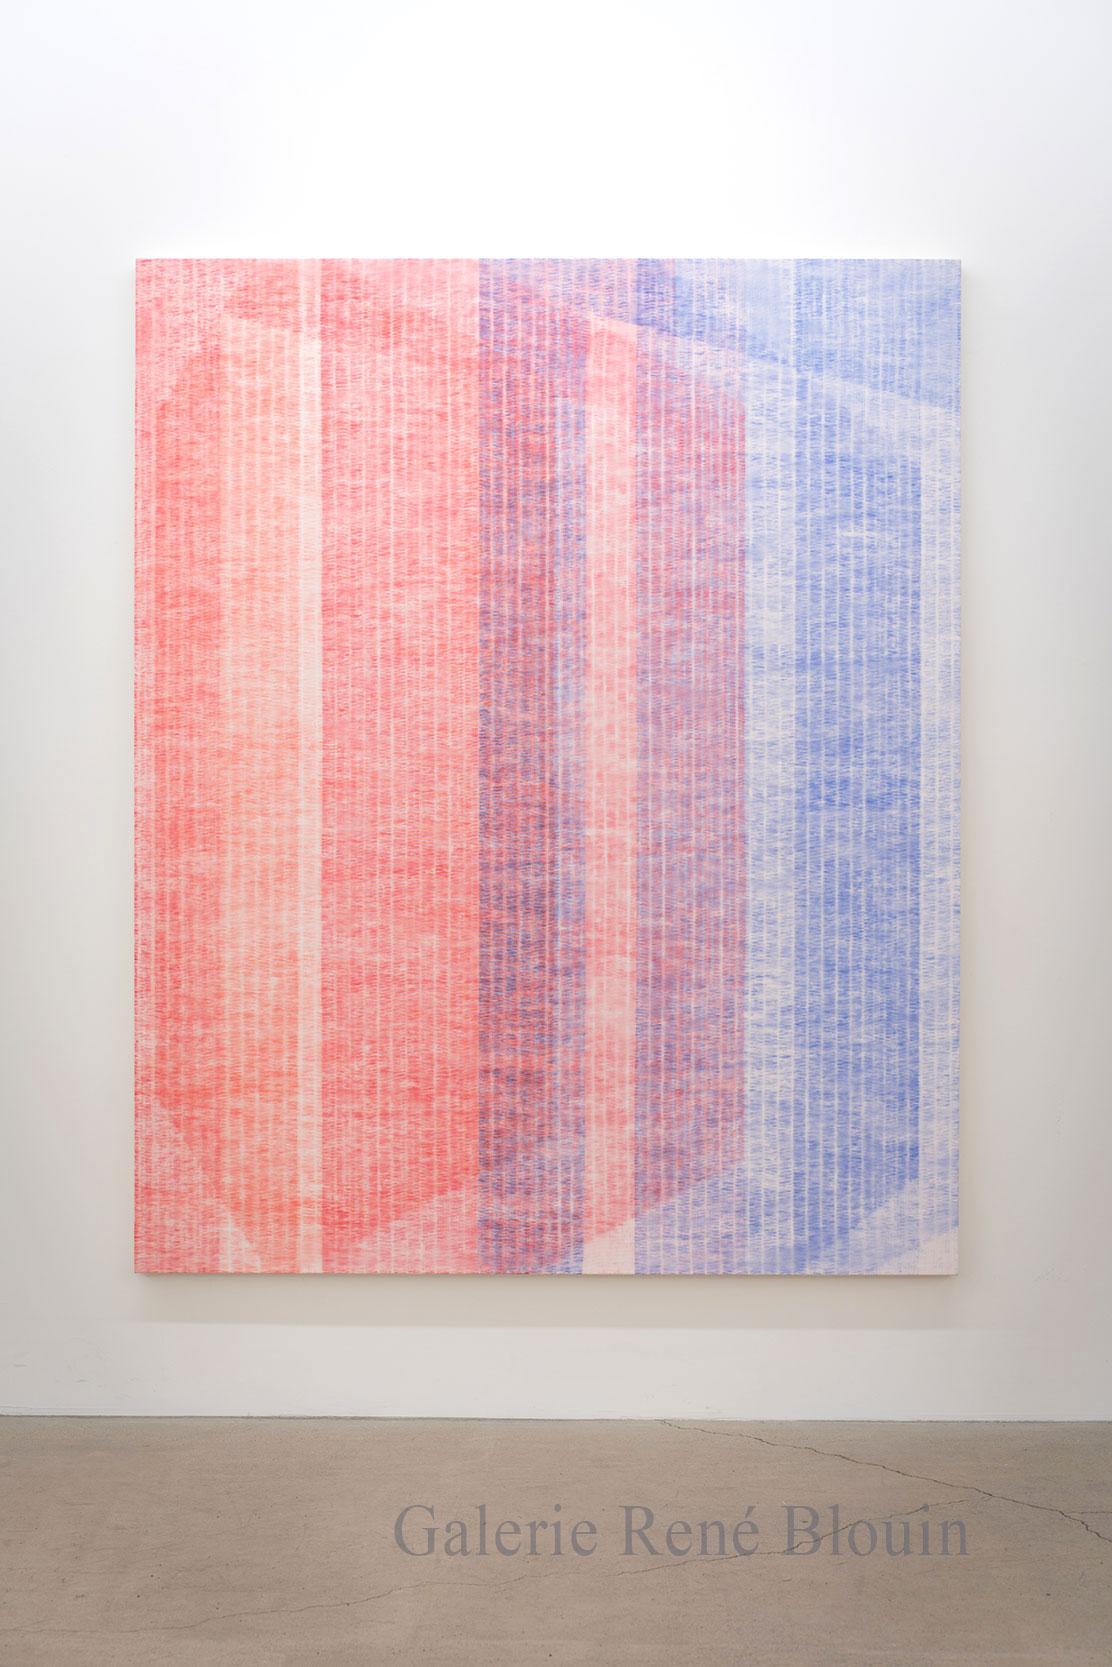 Marie-Claire Blais, Être la porte qui s'ouvre 7, 2016, acrylique sur toile, 203 x 165 cm / 80 x 65 pouces. Photo : Marie-Claire Blais